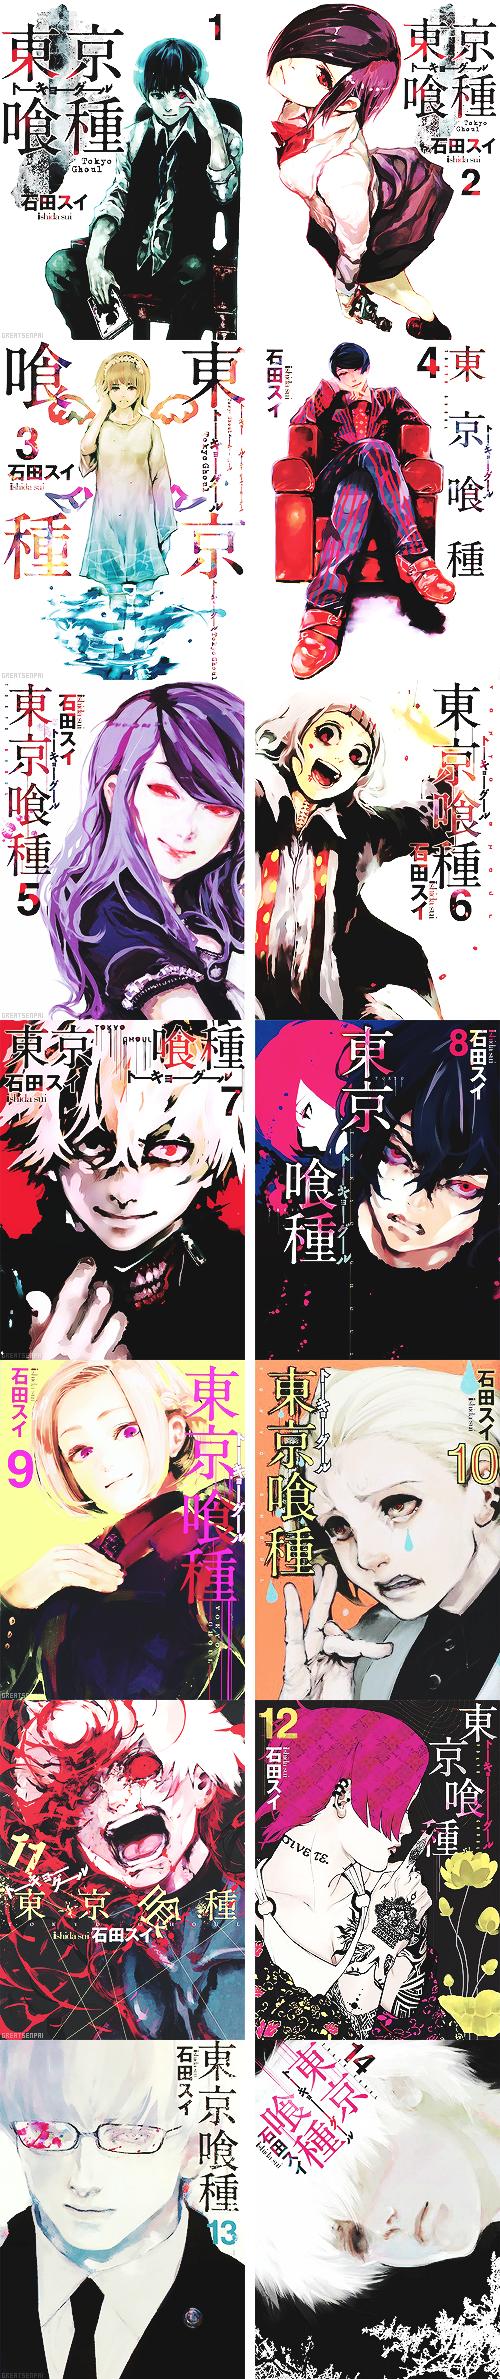 Tokyo Ghoul Volumes Tokyo Ghoul Anime Tokyo Ghoul Manga Tokyo Ghoul